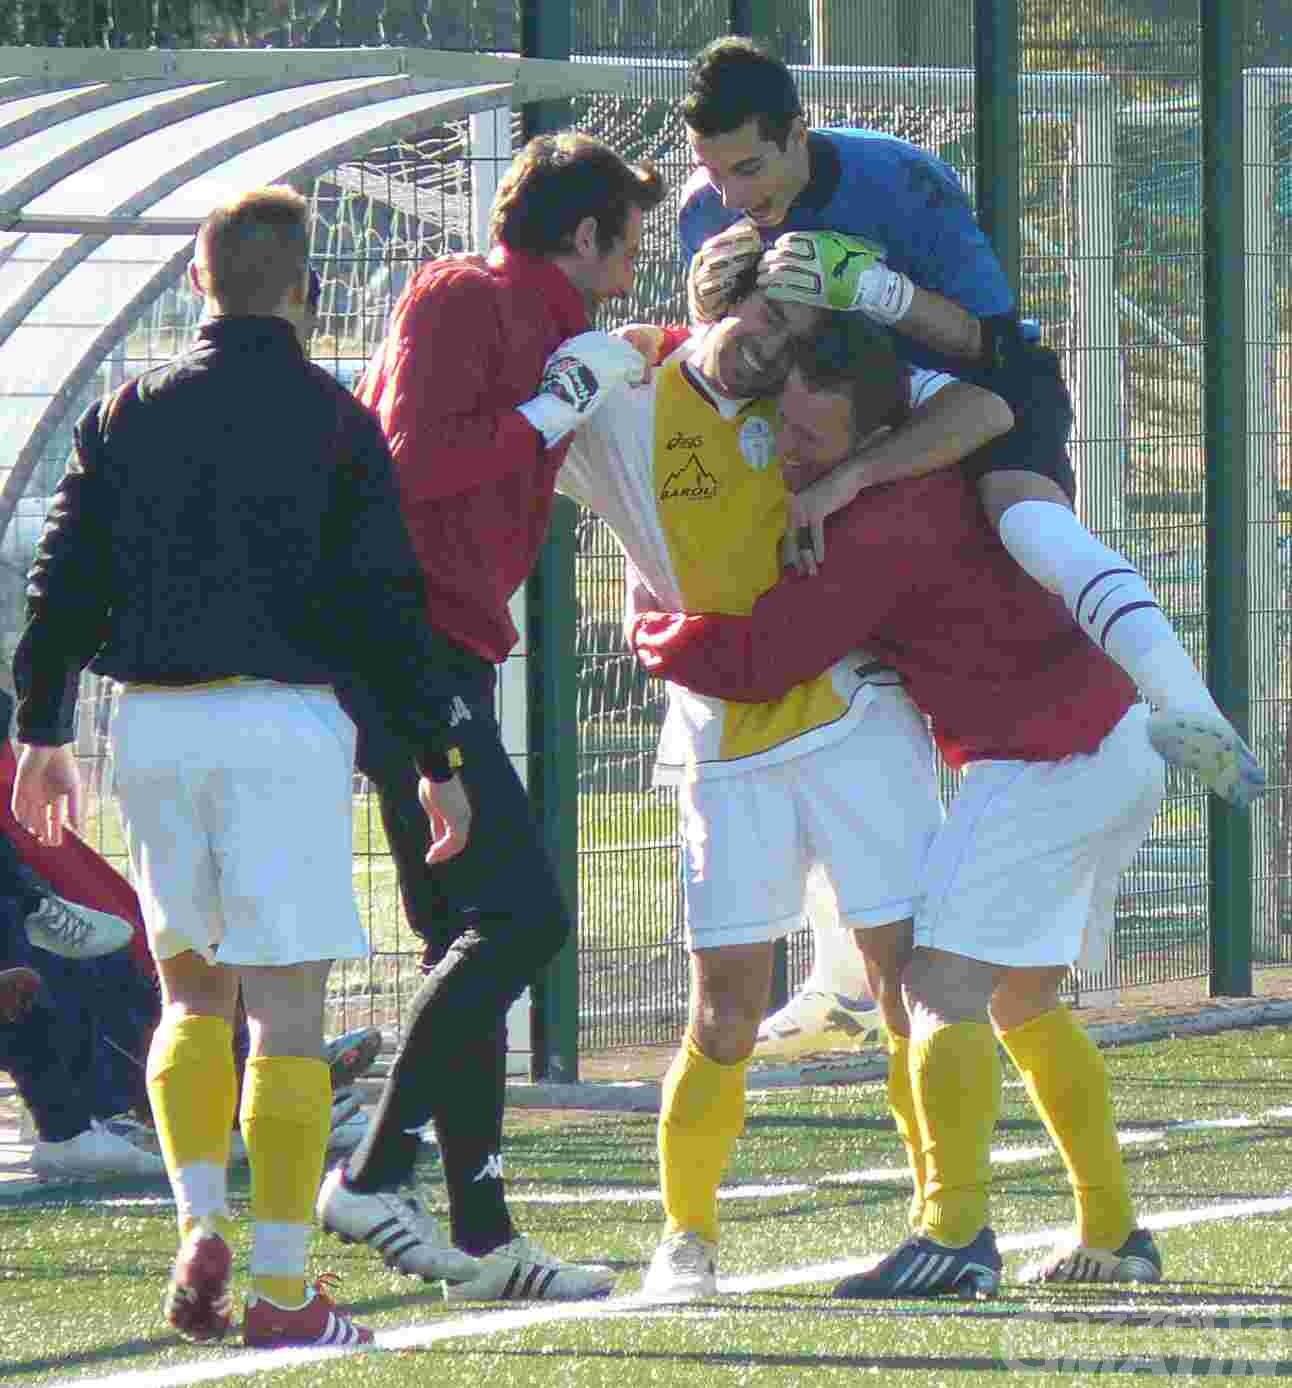 Calcio: l'Aygre rallenta, lo Charva riprende a correre